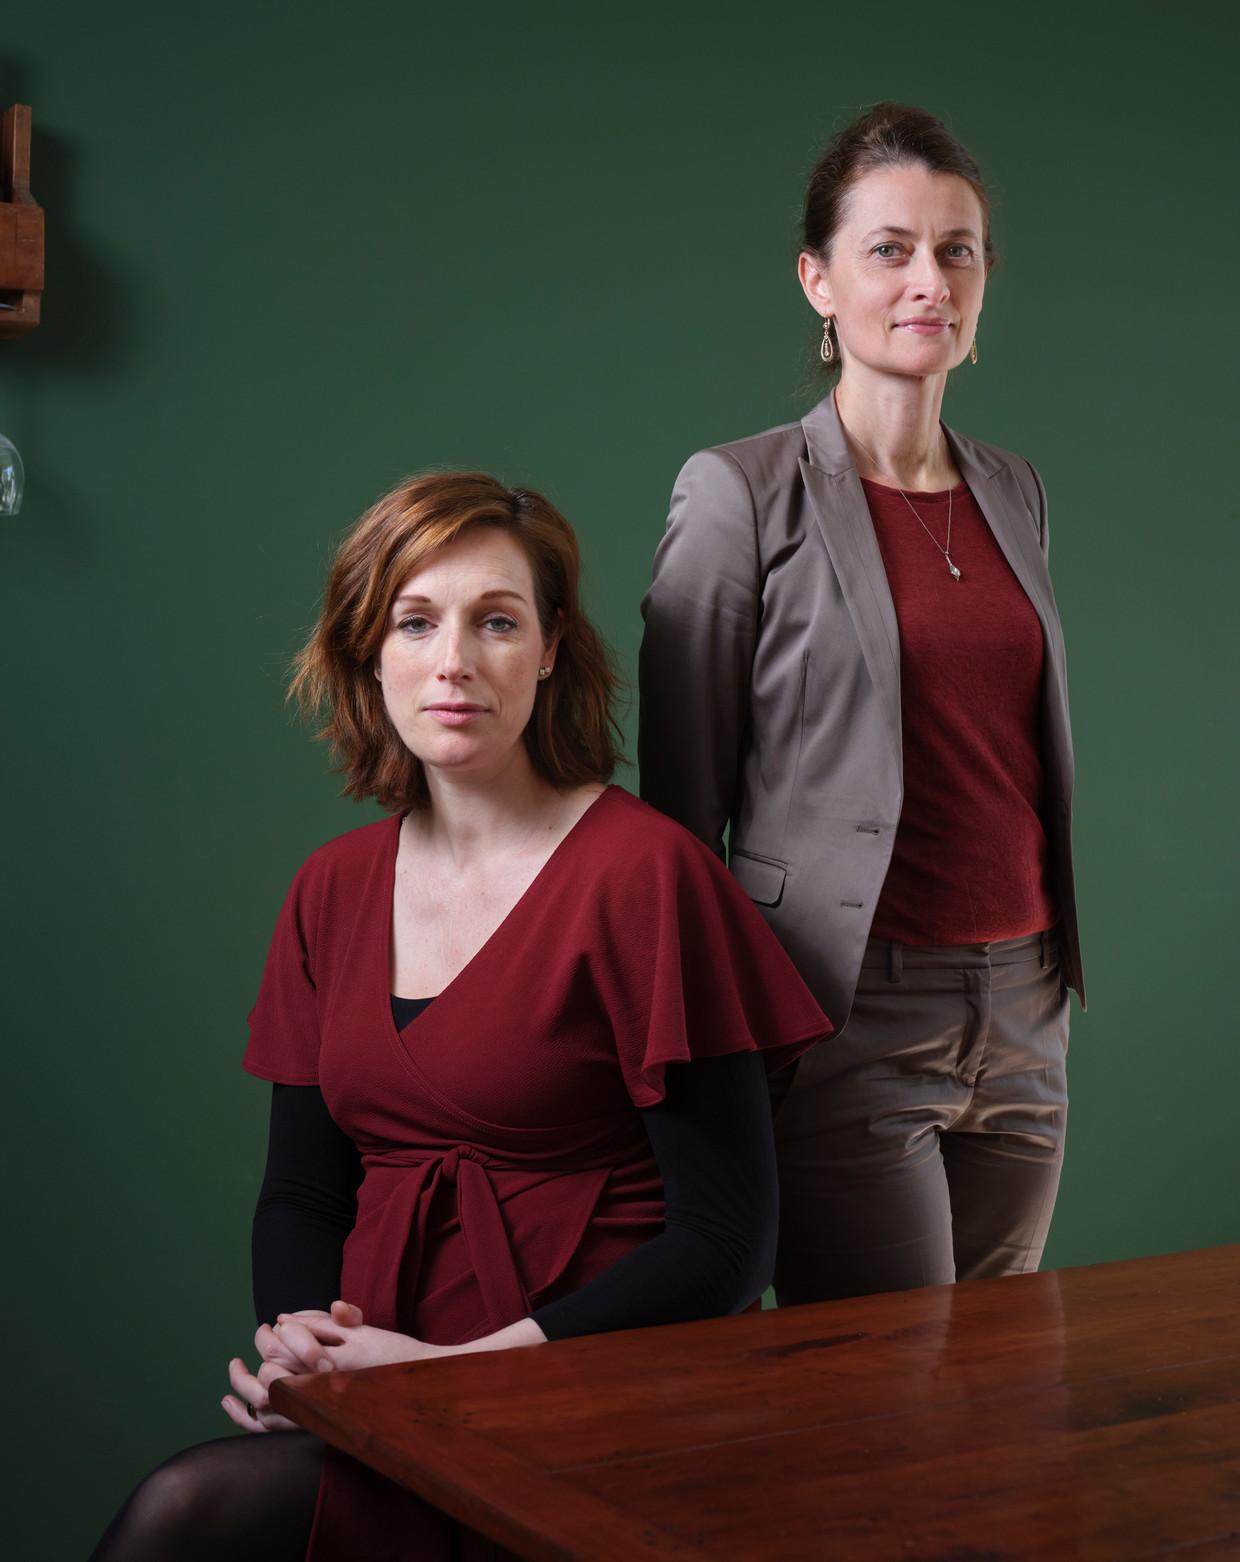 Sonja Rutten en Odile van den Heuvel zijn verbonden aan de poli neuropsychiatrie in het Amsterdam UMC die Van den Heuvel opzette voor parkinsonpatiënten. Beeld Erik Smits